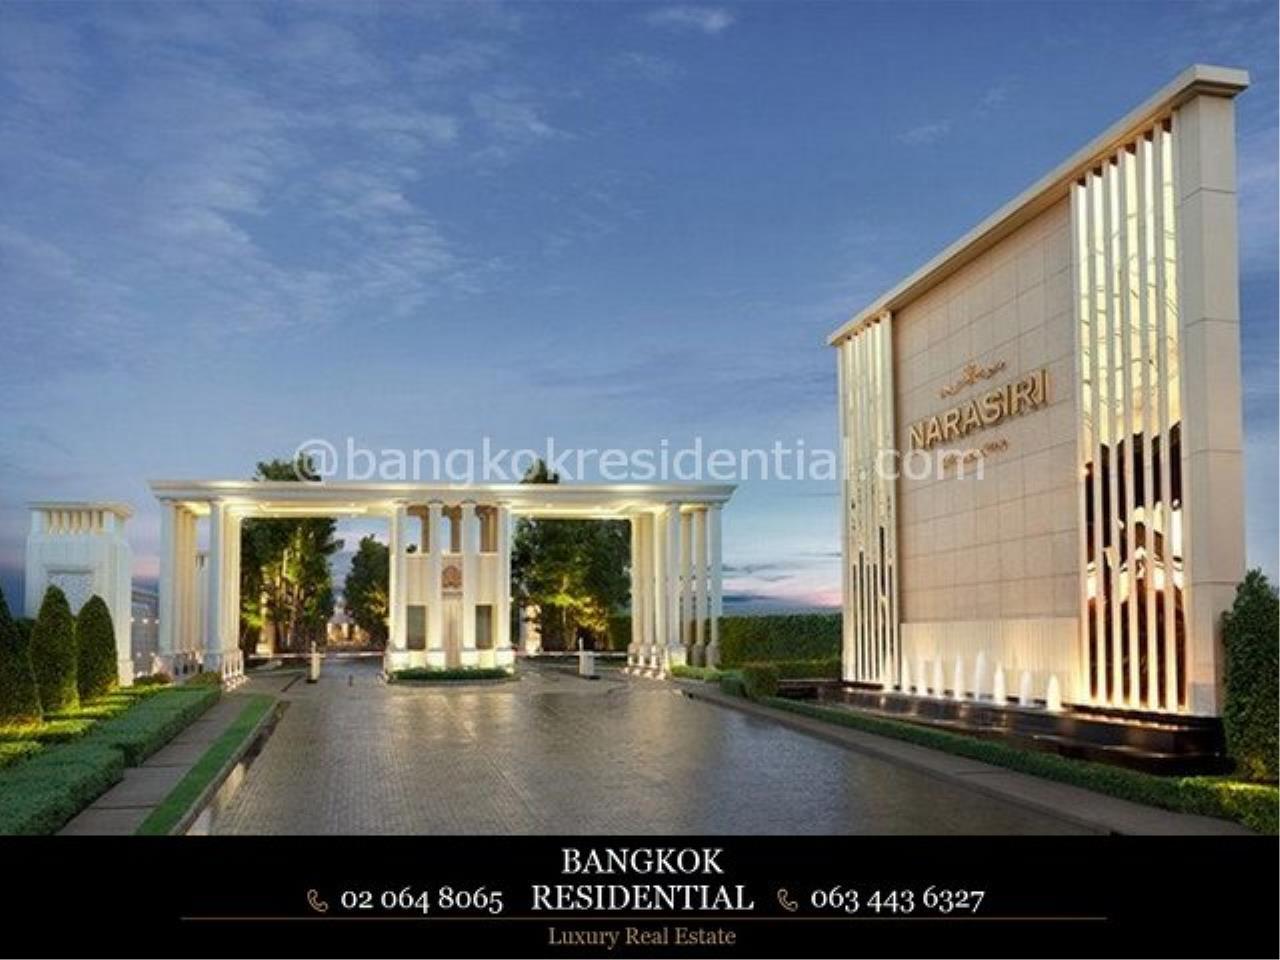 Bangkok Residential Agency's 4BR Narasiri Pattanakarn For Rent (BR7921SH) 8